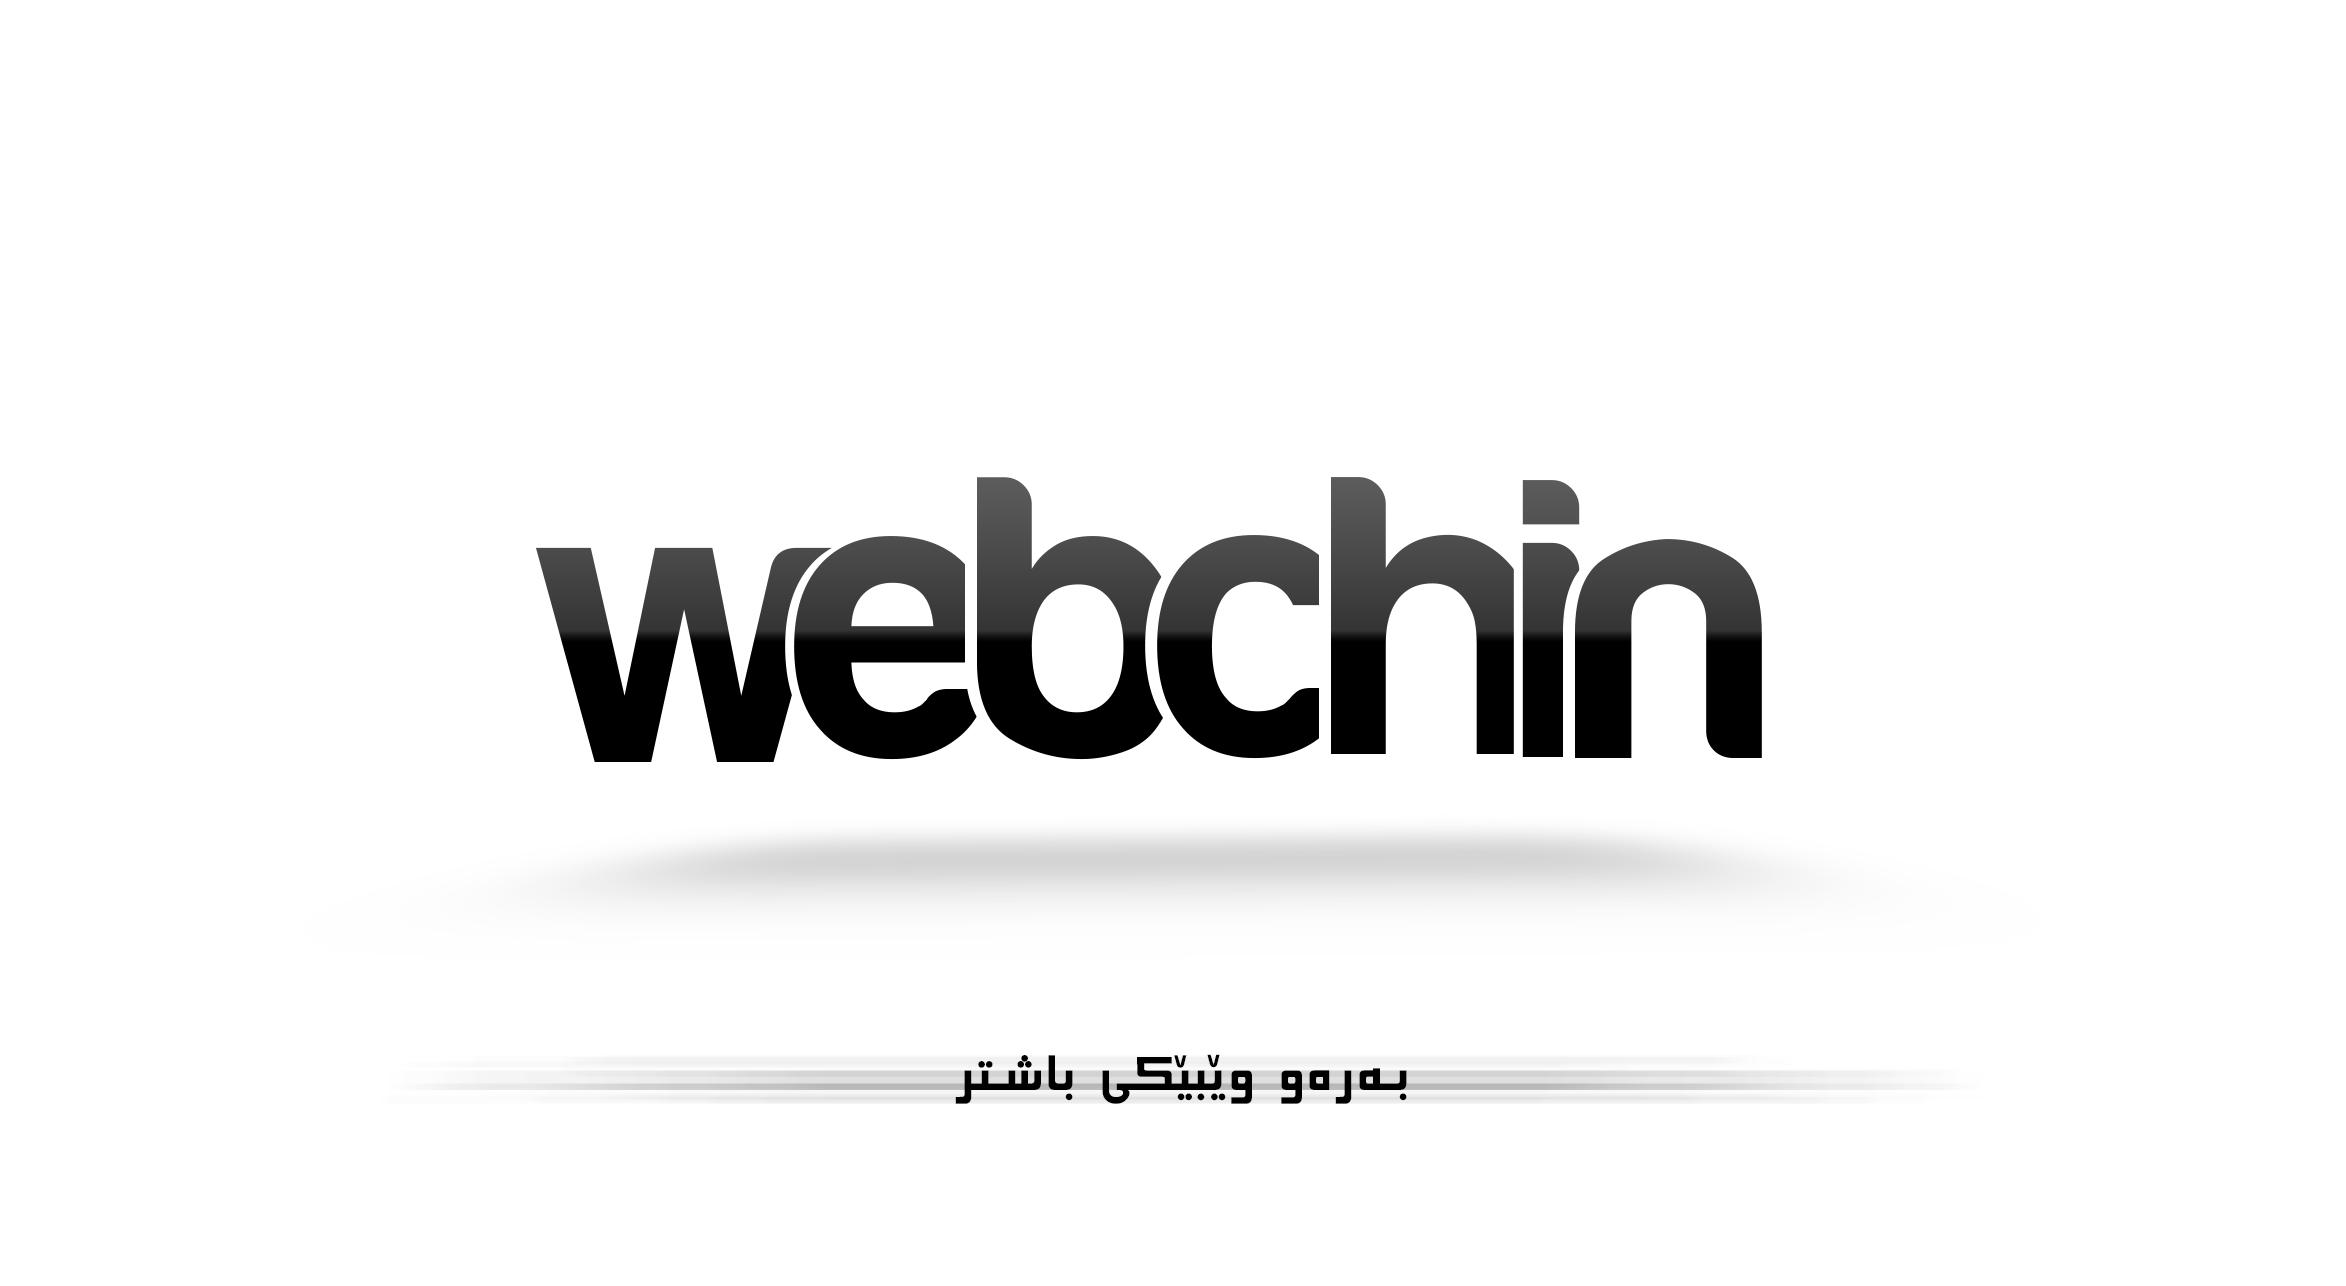 http://www.webchinupload.com/f/2013-11/a6727bc35791508178fca1ba5f8ba17b.png